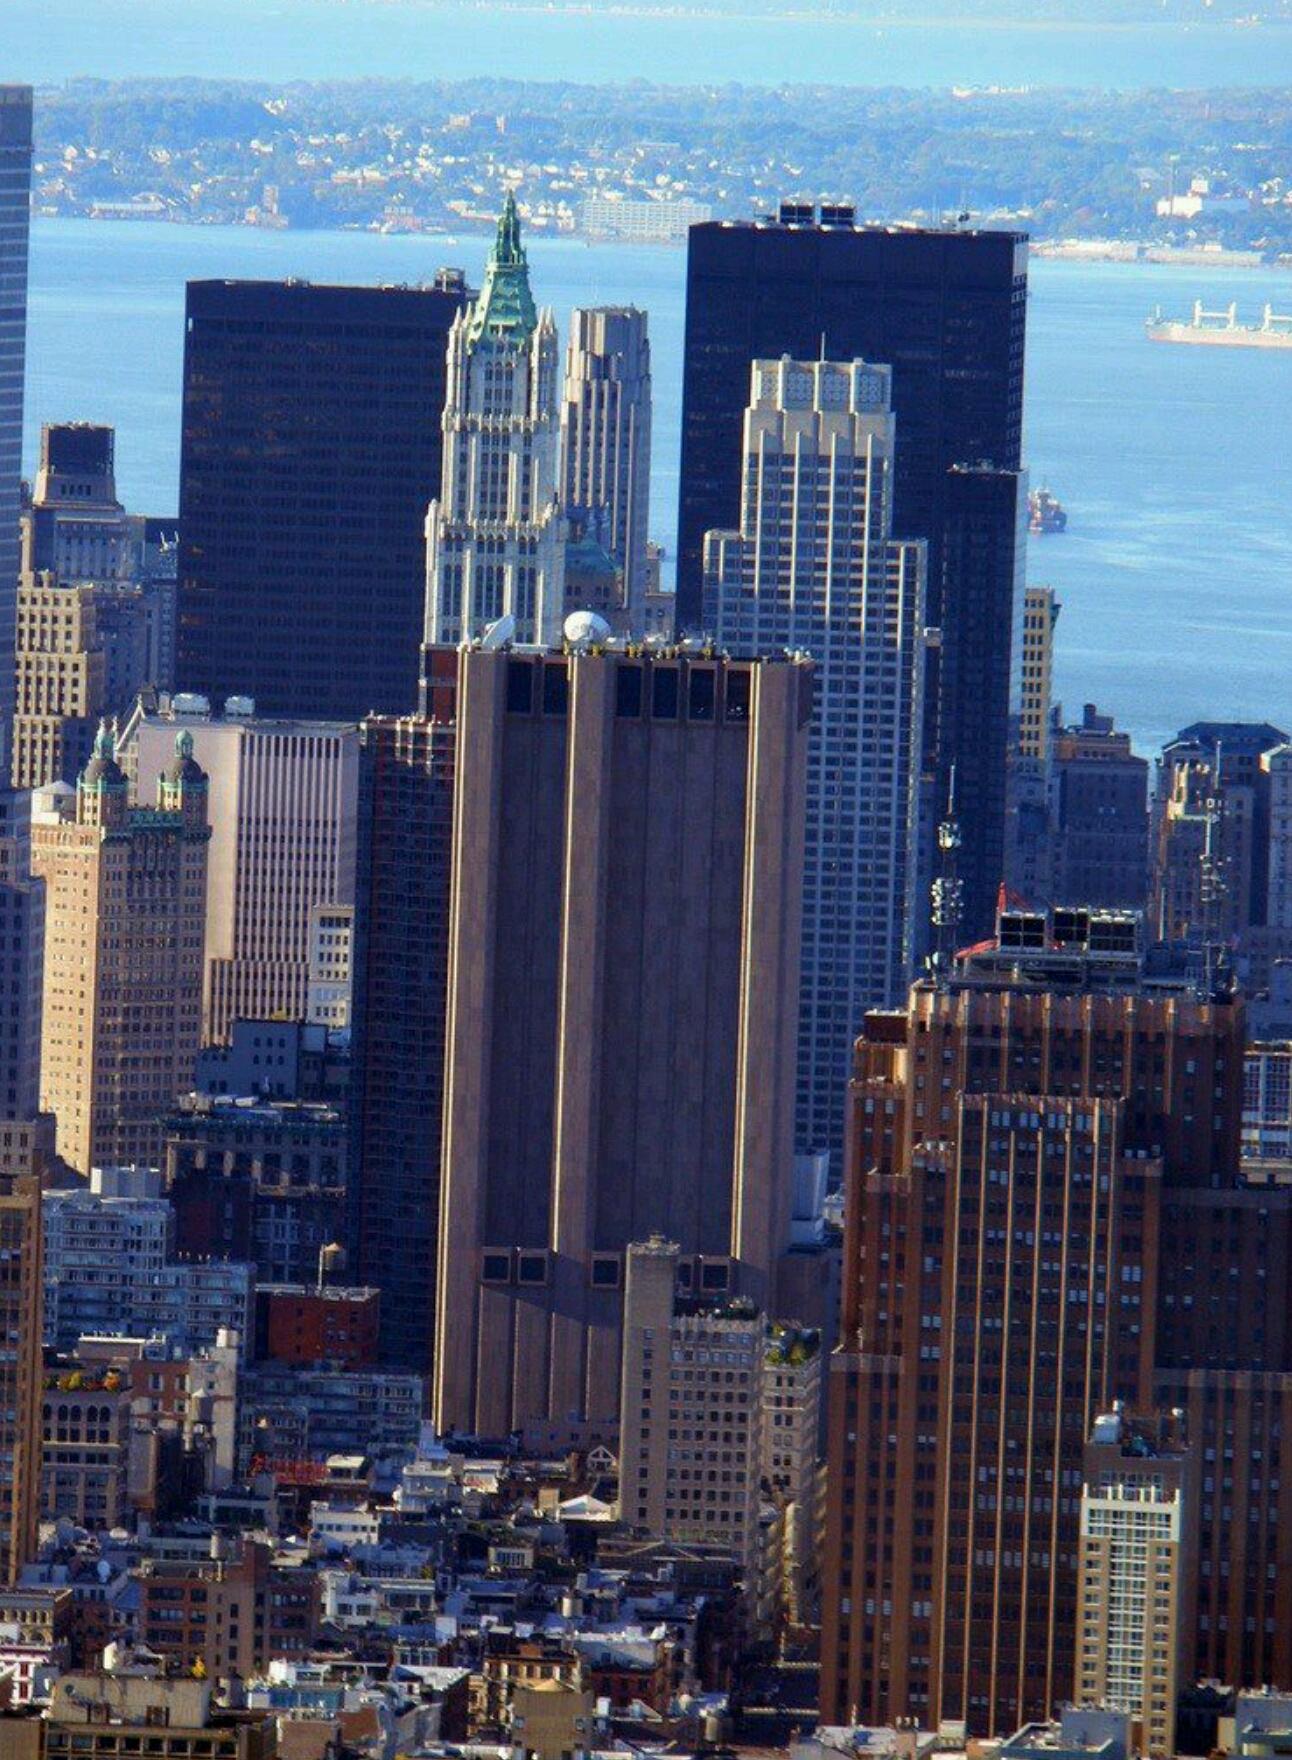 ما هو سر ناطحة السحاب التي تقف وسط مدينة نيويورك دون اي نوافذ او فتحات ؟